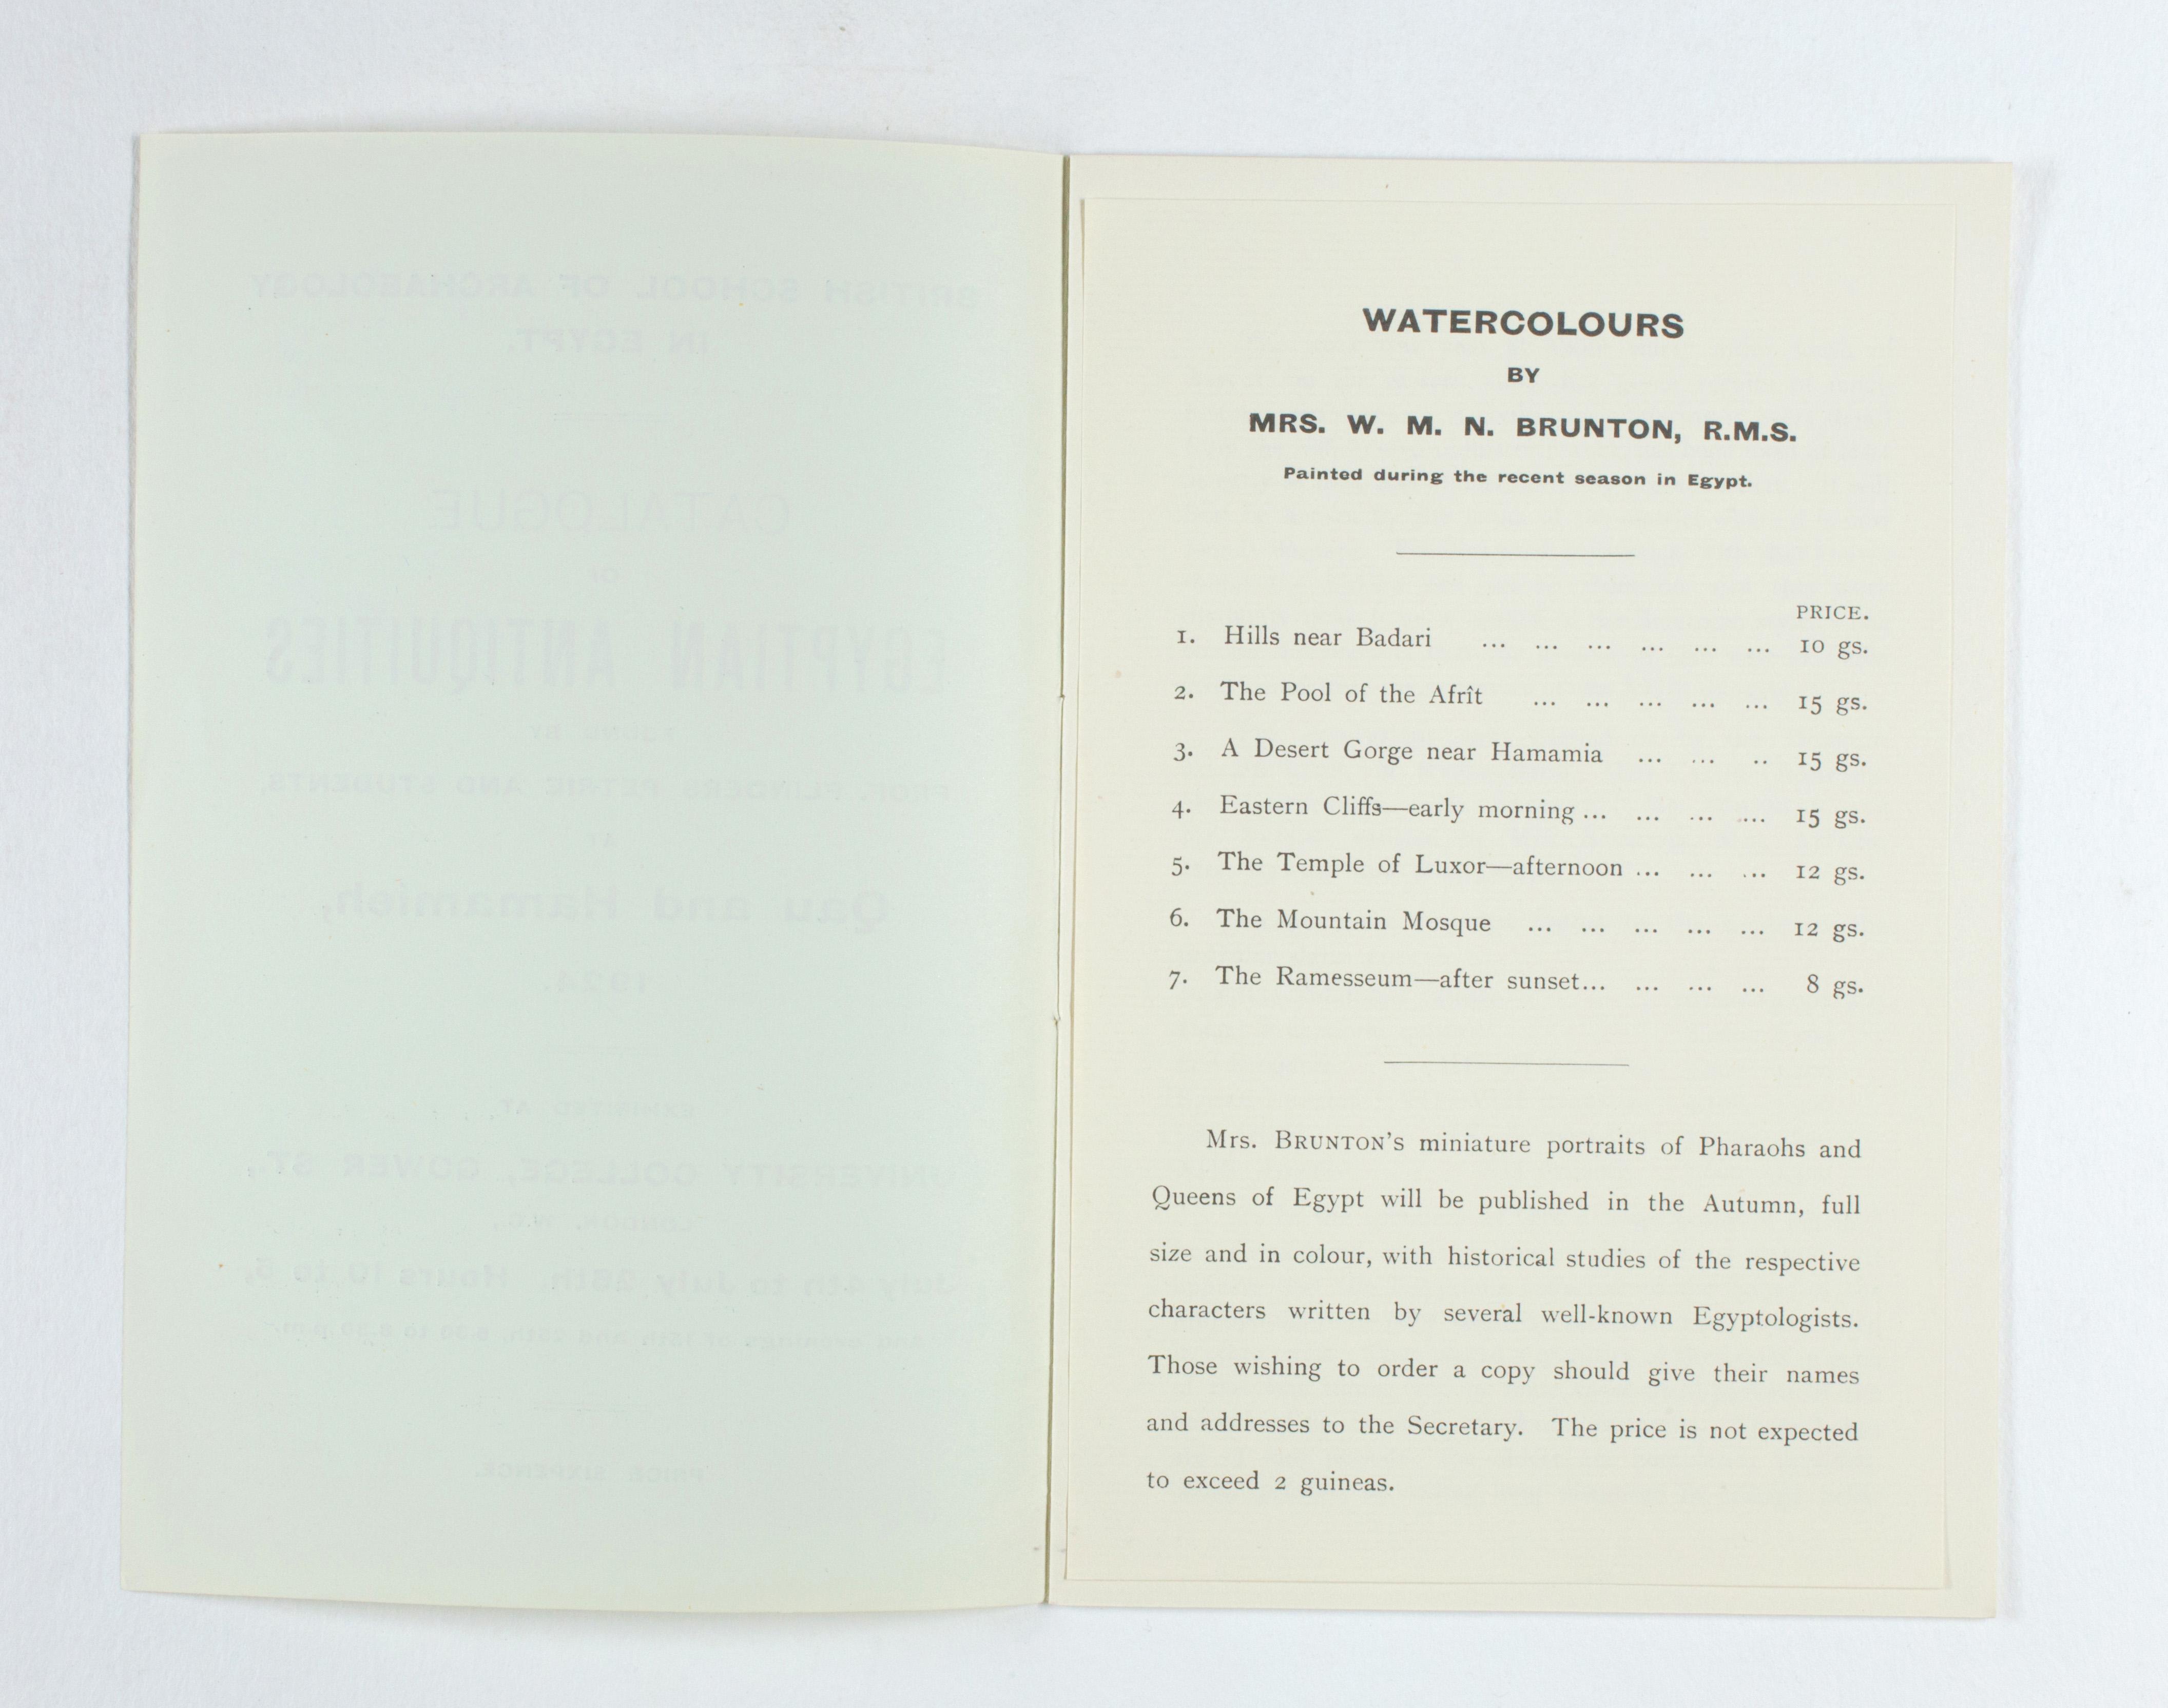 1923-24 Qau el-Kebir, Hemamieh Exhibition catalogue PMA/WFP1/D/27/31.2